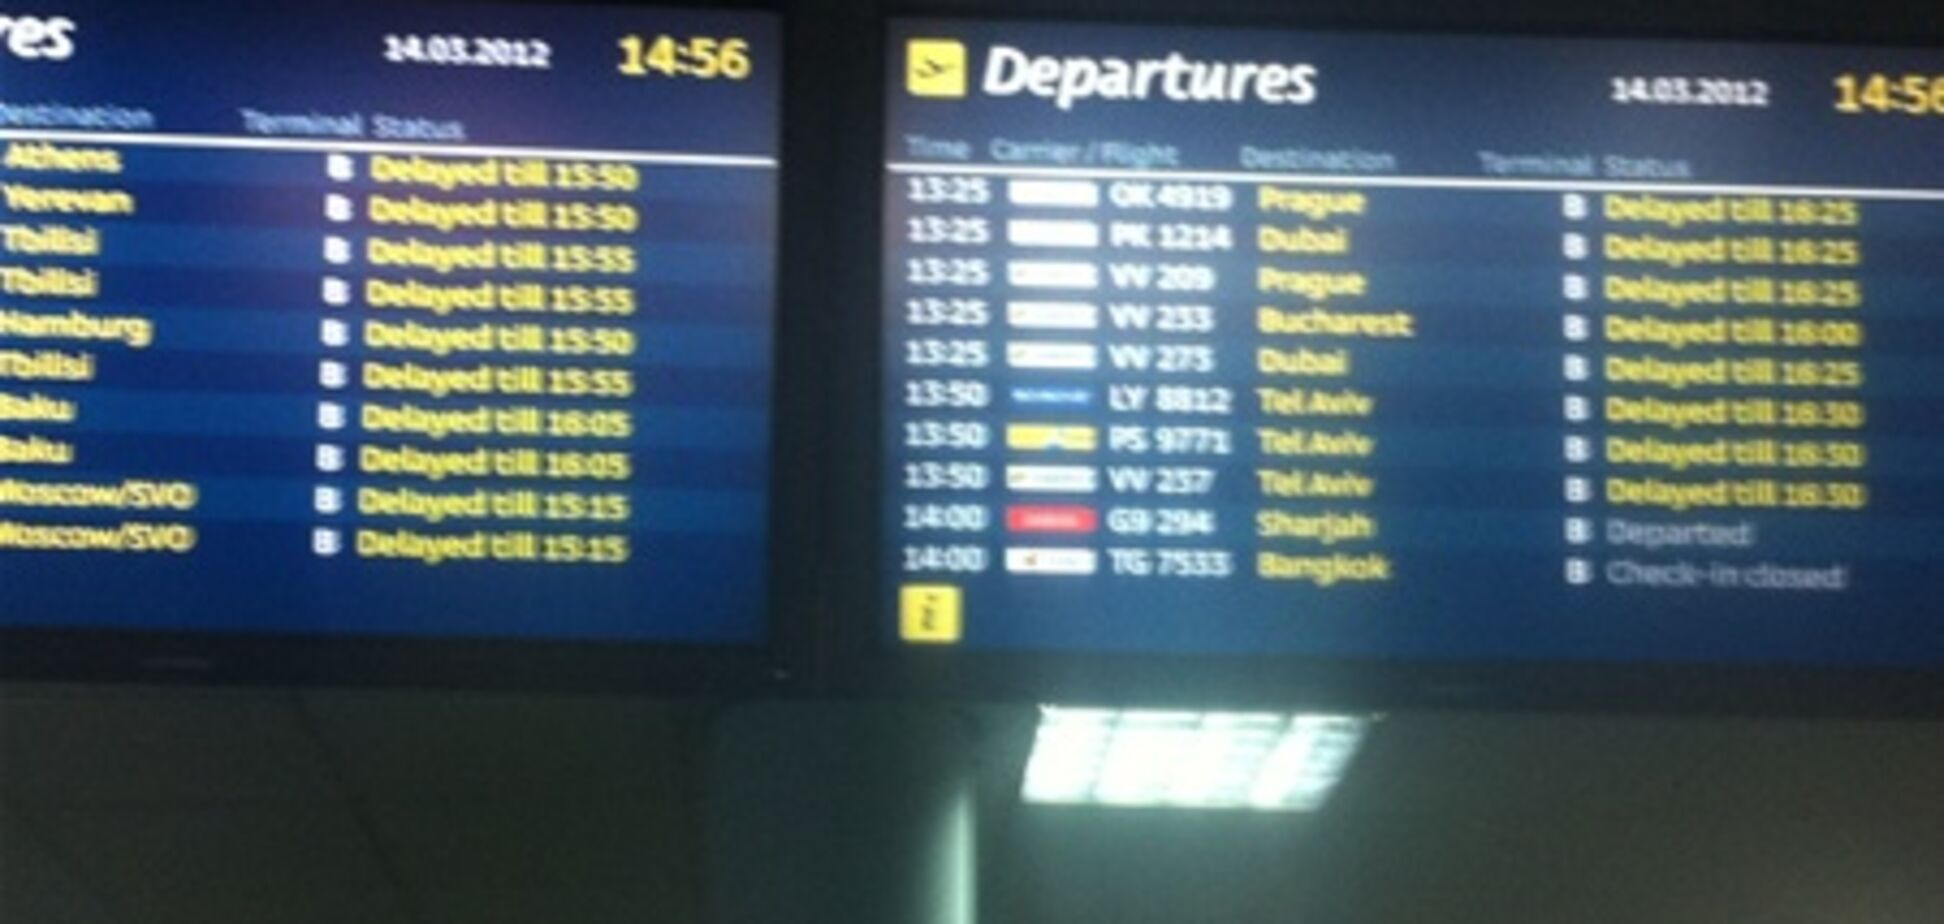 В 'Борисполе' задержали все рейсы 'Аэросвита'. Фото